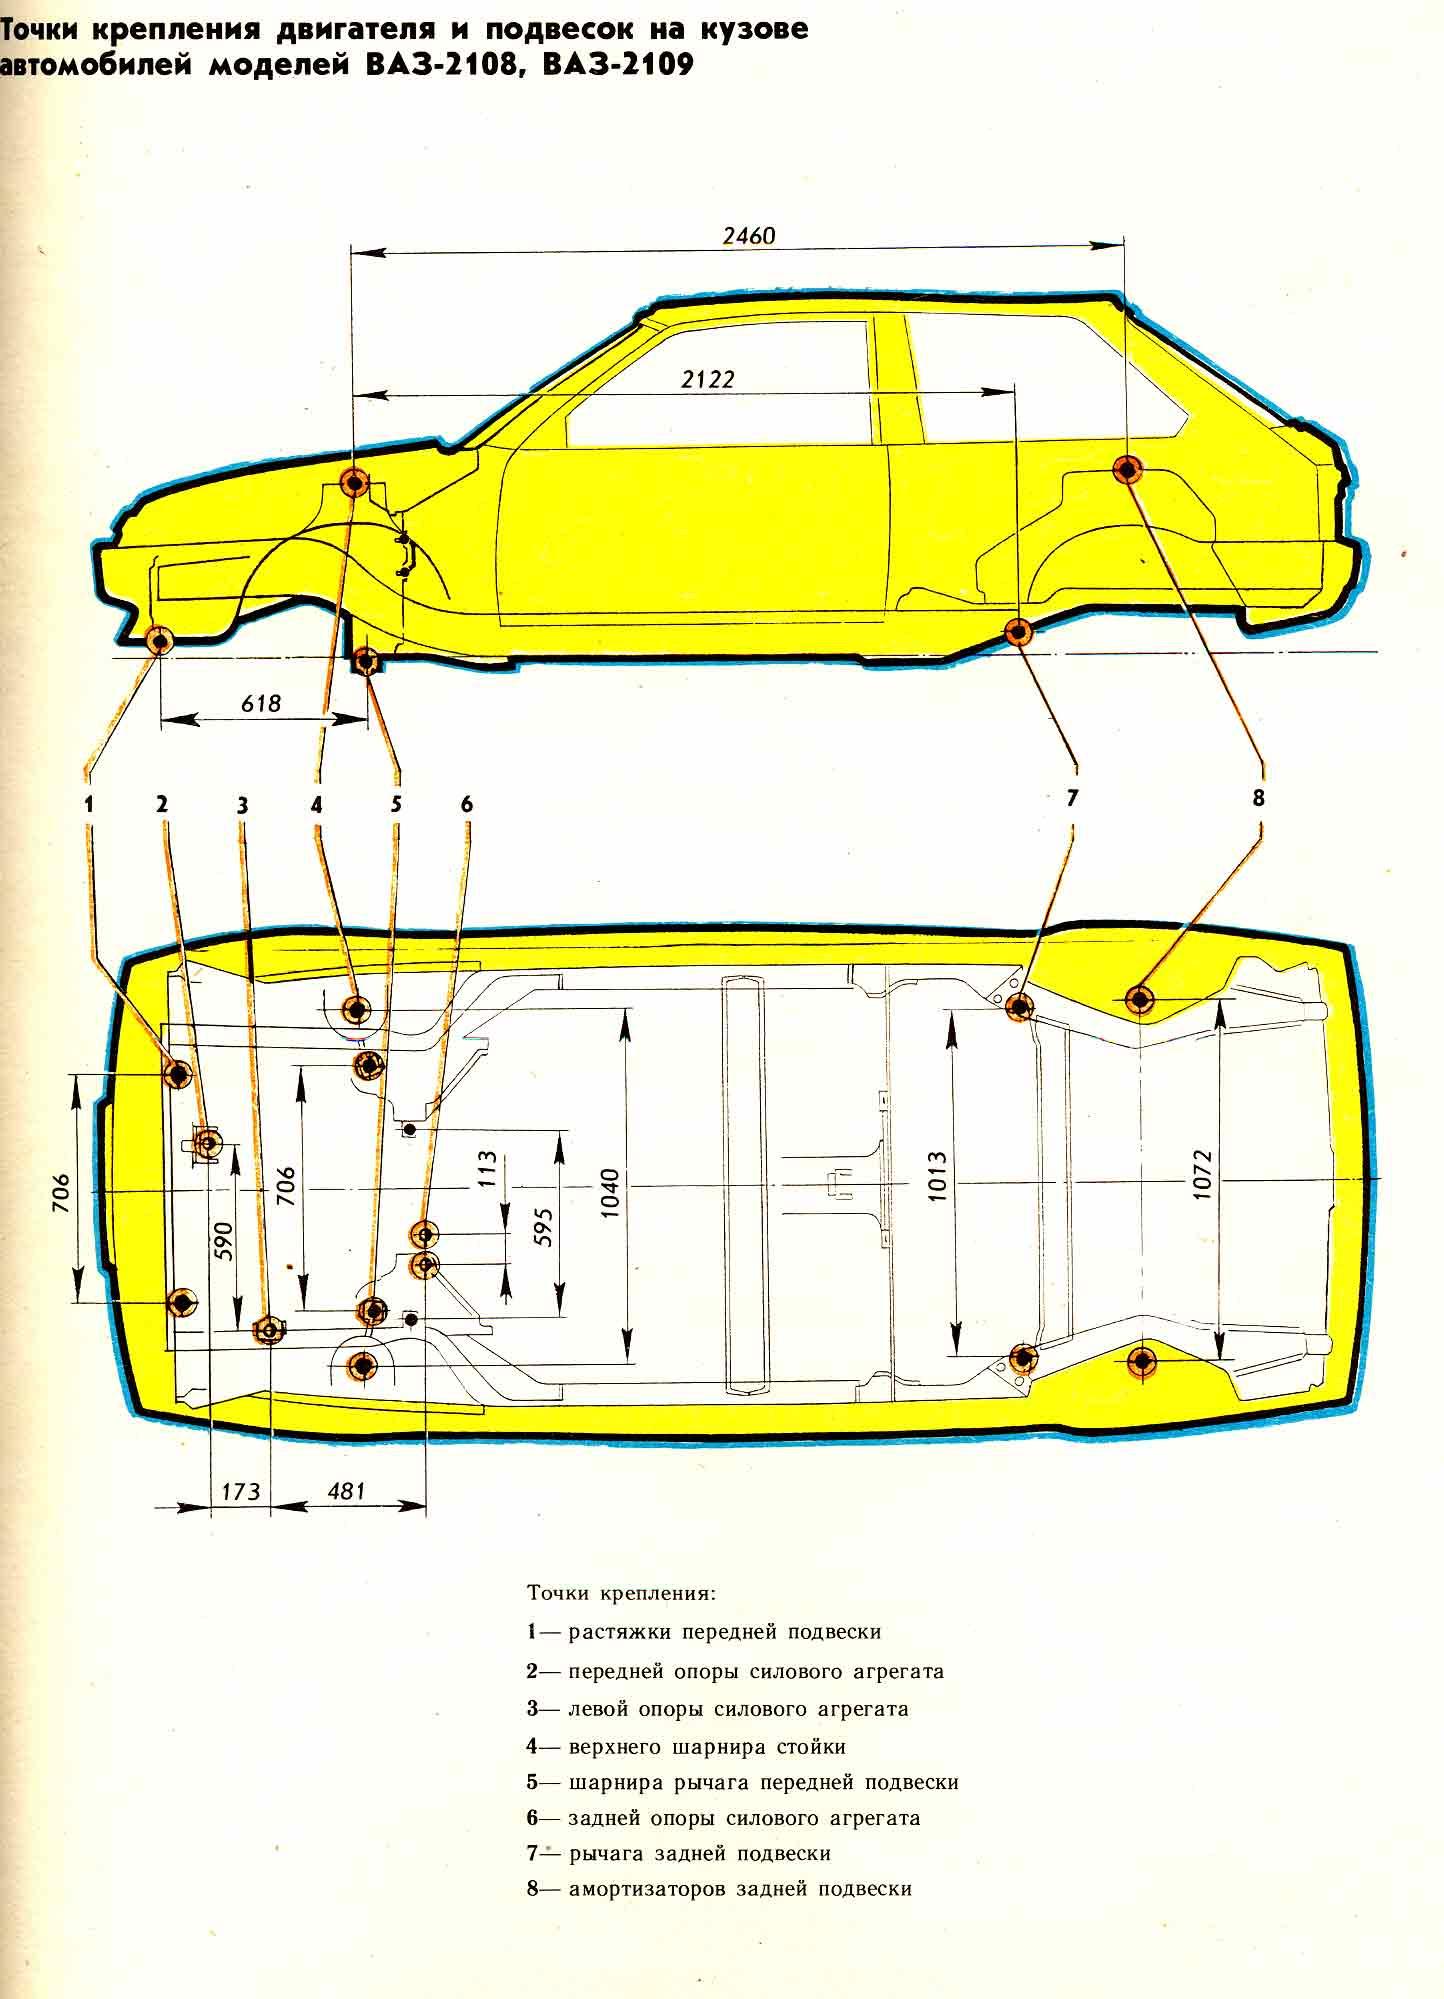 Точки крепления двигателя и передней и задней подвесок автомобилей ВАЗ-2108, ВАЗ-2109